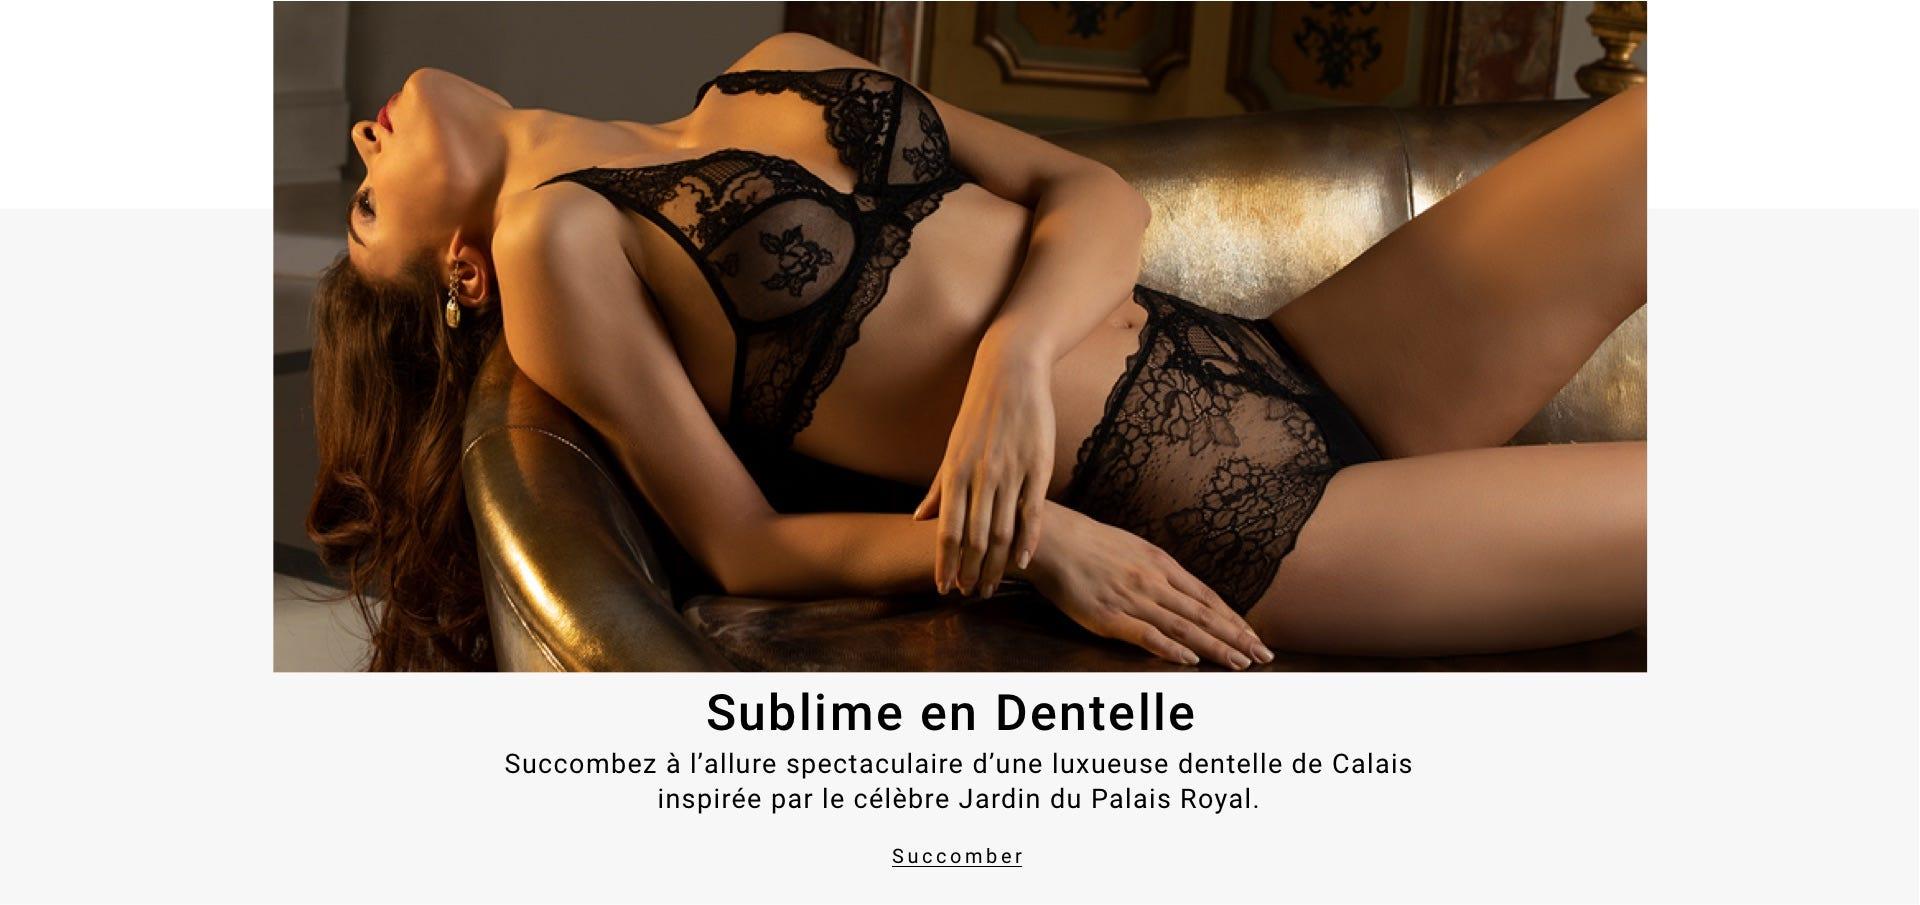 Sublime en Dentelle - Succombez à l'allure spéctaculaire d'une luxueuse dentelle de Calais inspirée par le célèbre Jardin du Palais Royal